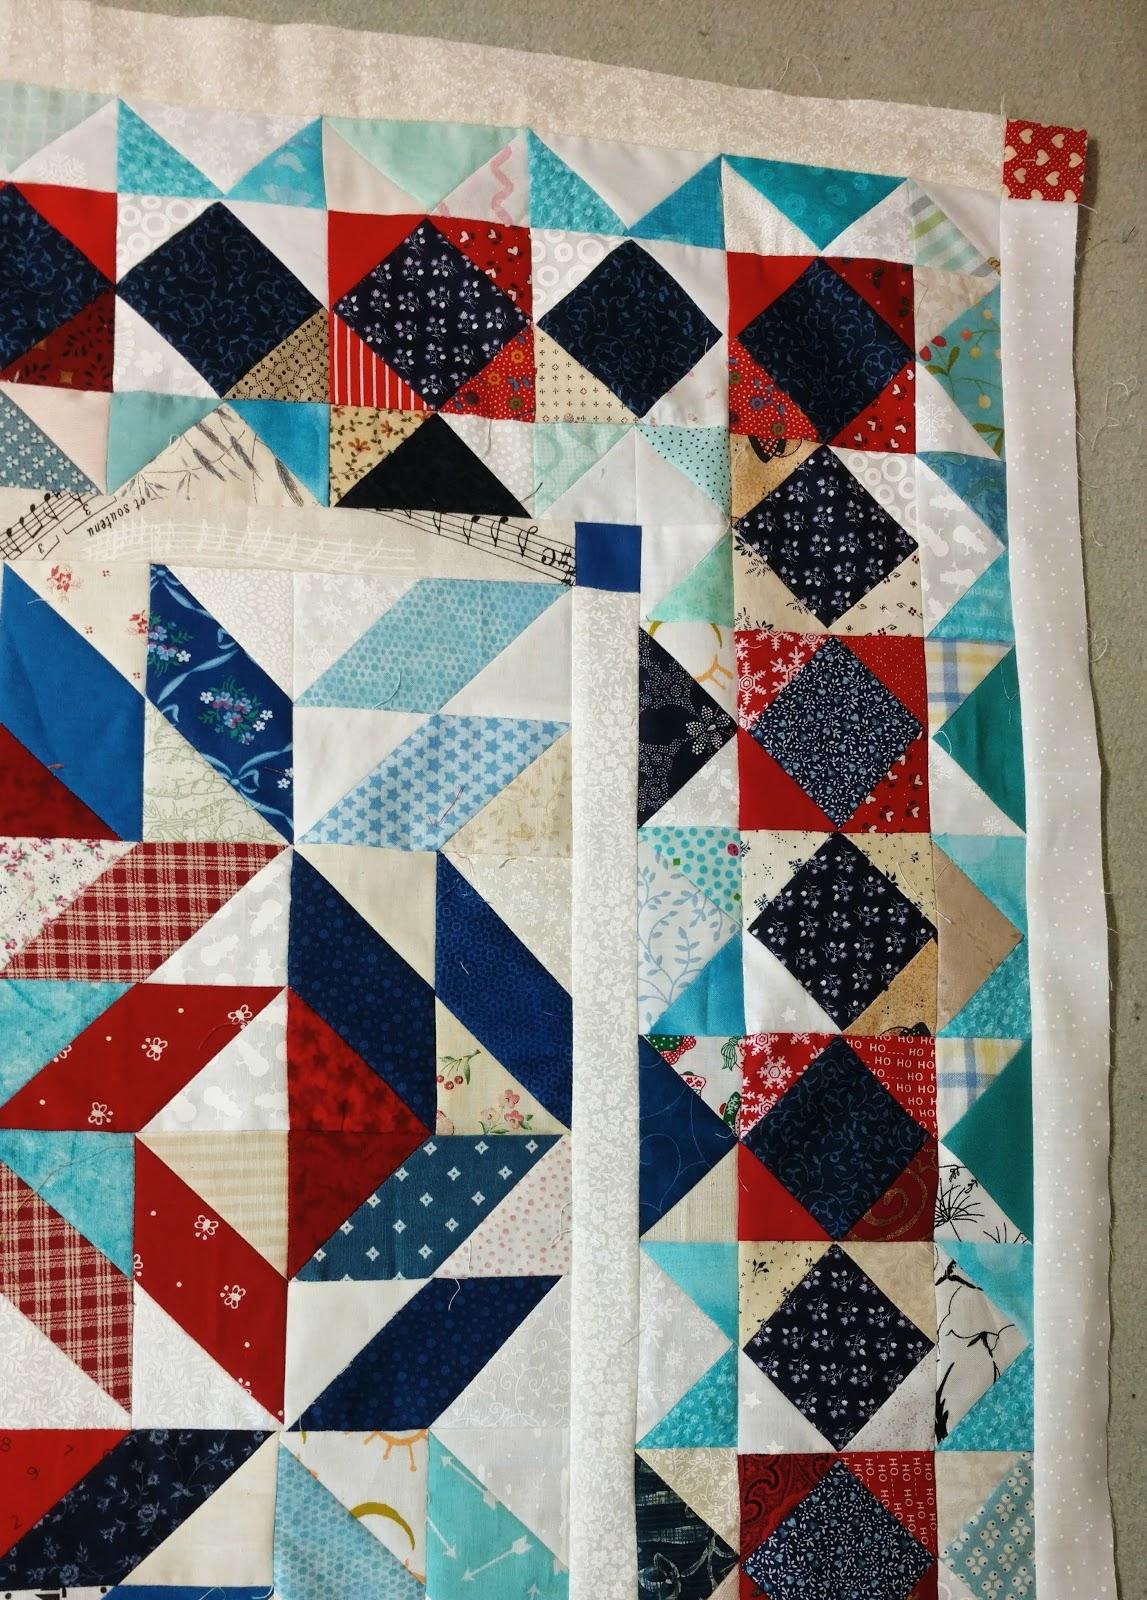 Quiltville Mystery Quilt 2020 : quiltville, mystery, quilt, Making, Lather:, Unity, Finish